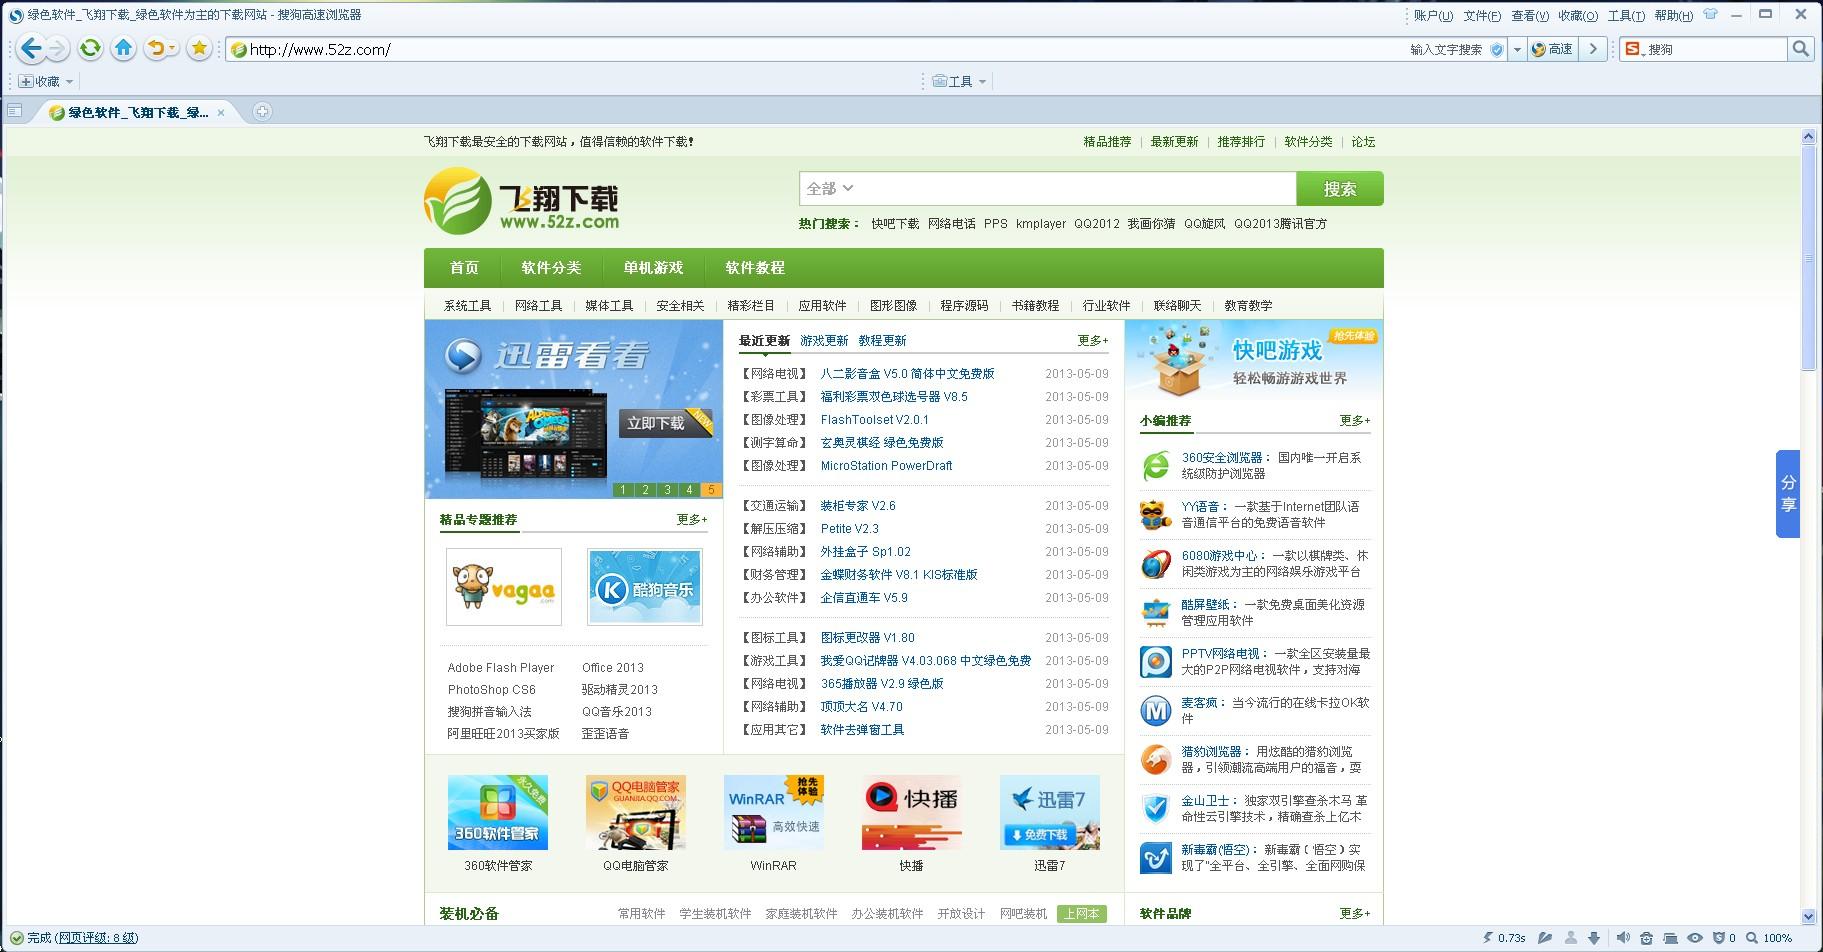 搜狗浏览器V7.0.6.24466 官方版